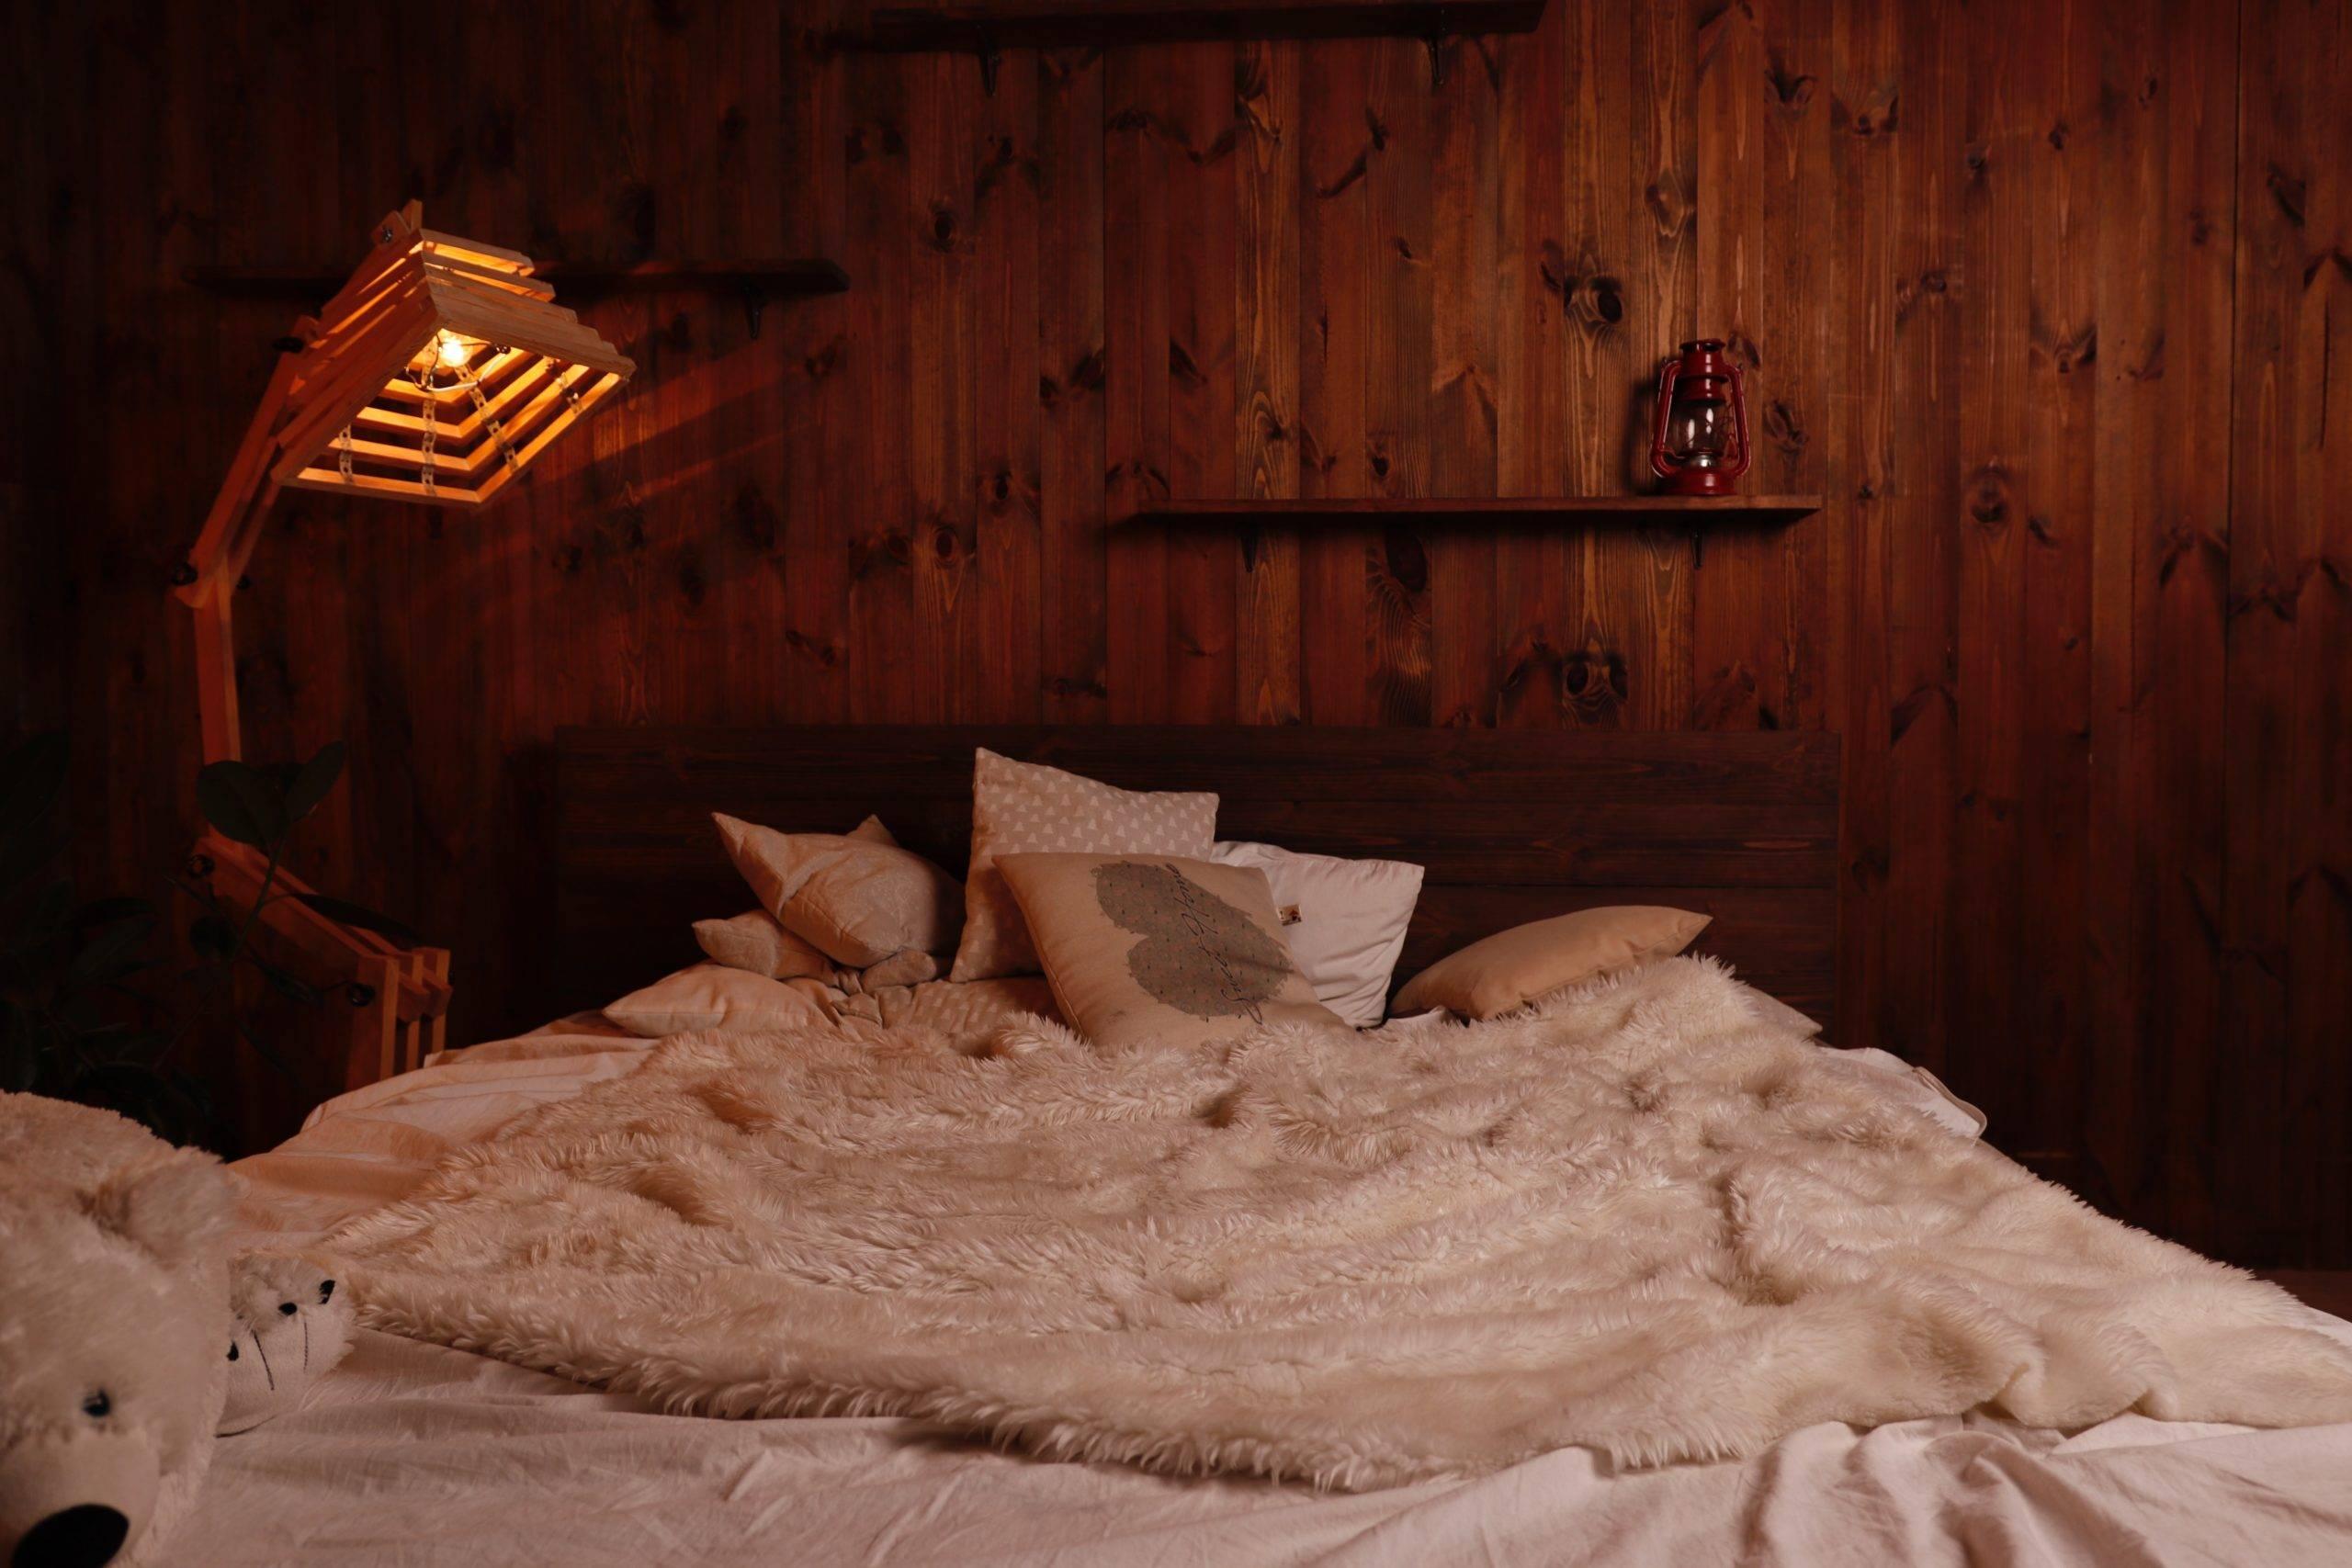 Unique lamp beside bed